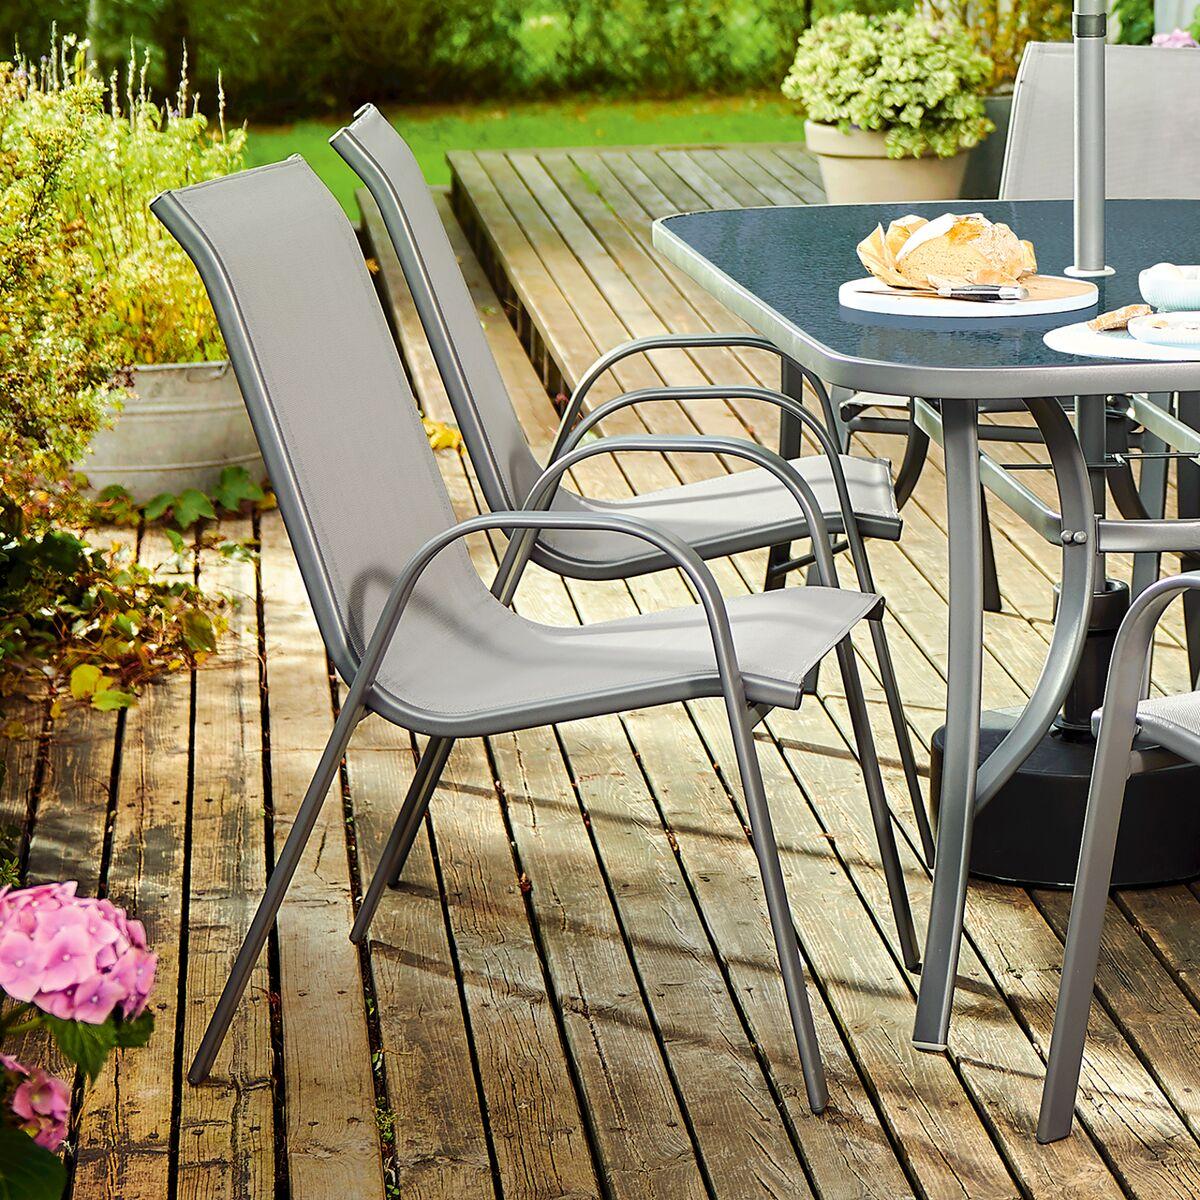 Krzeslo Ogrodowe Cino Metalowe Antracytowe Krzesla Fotele Lawki Ogrodowe W Atrakcyjnej Cenie W Sklepach Leroy Merlin